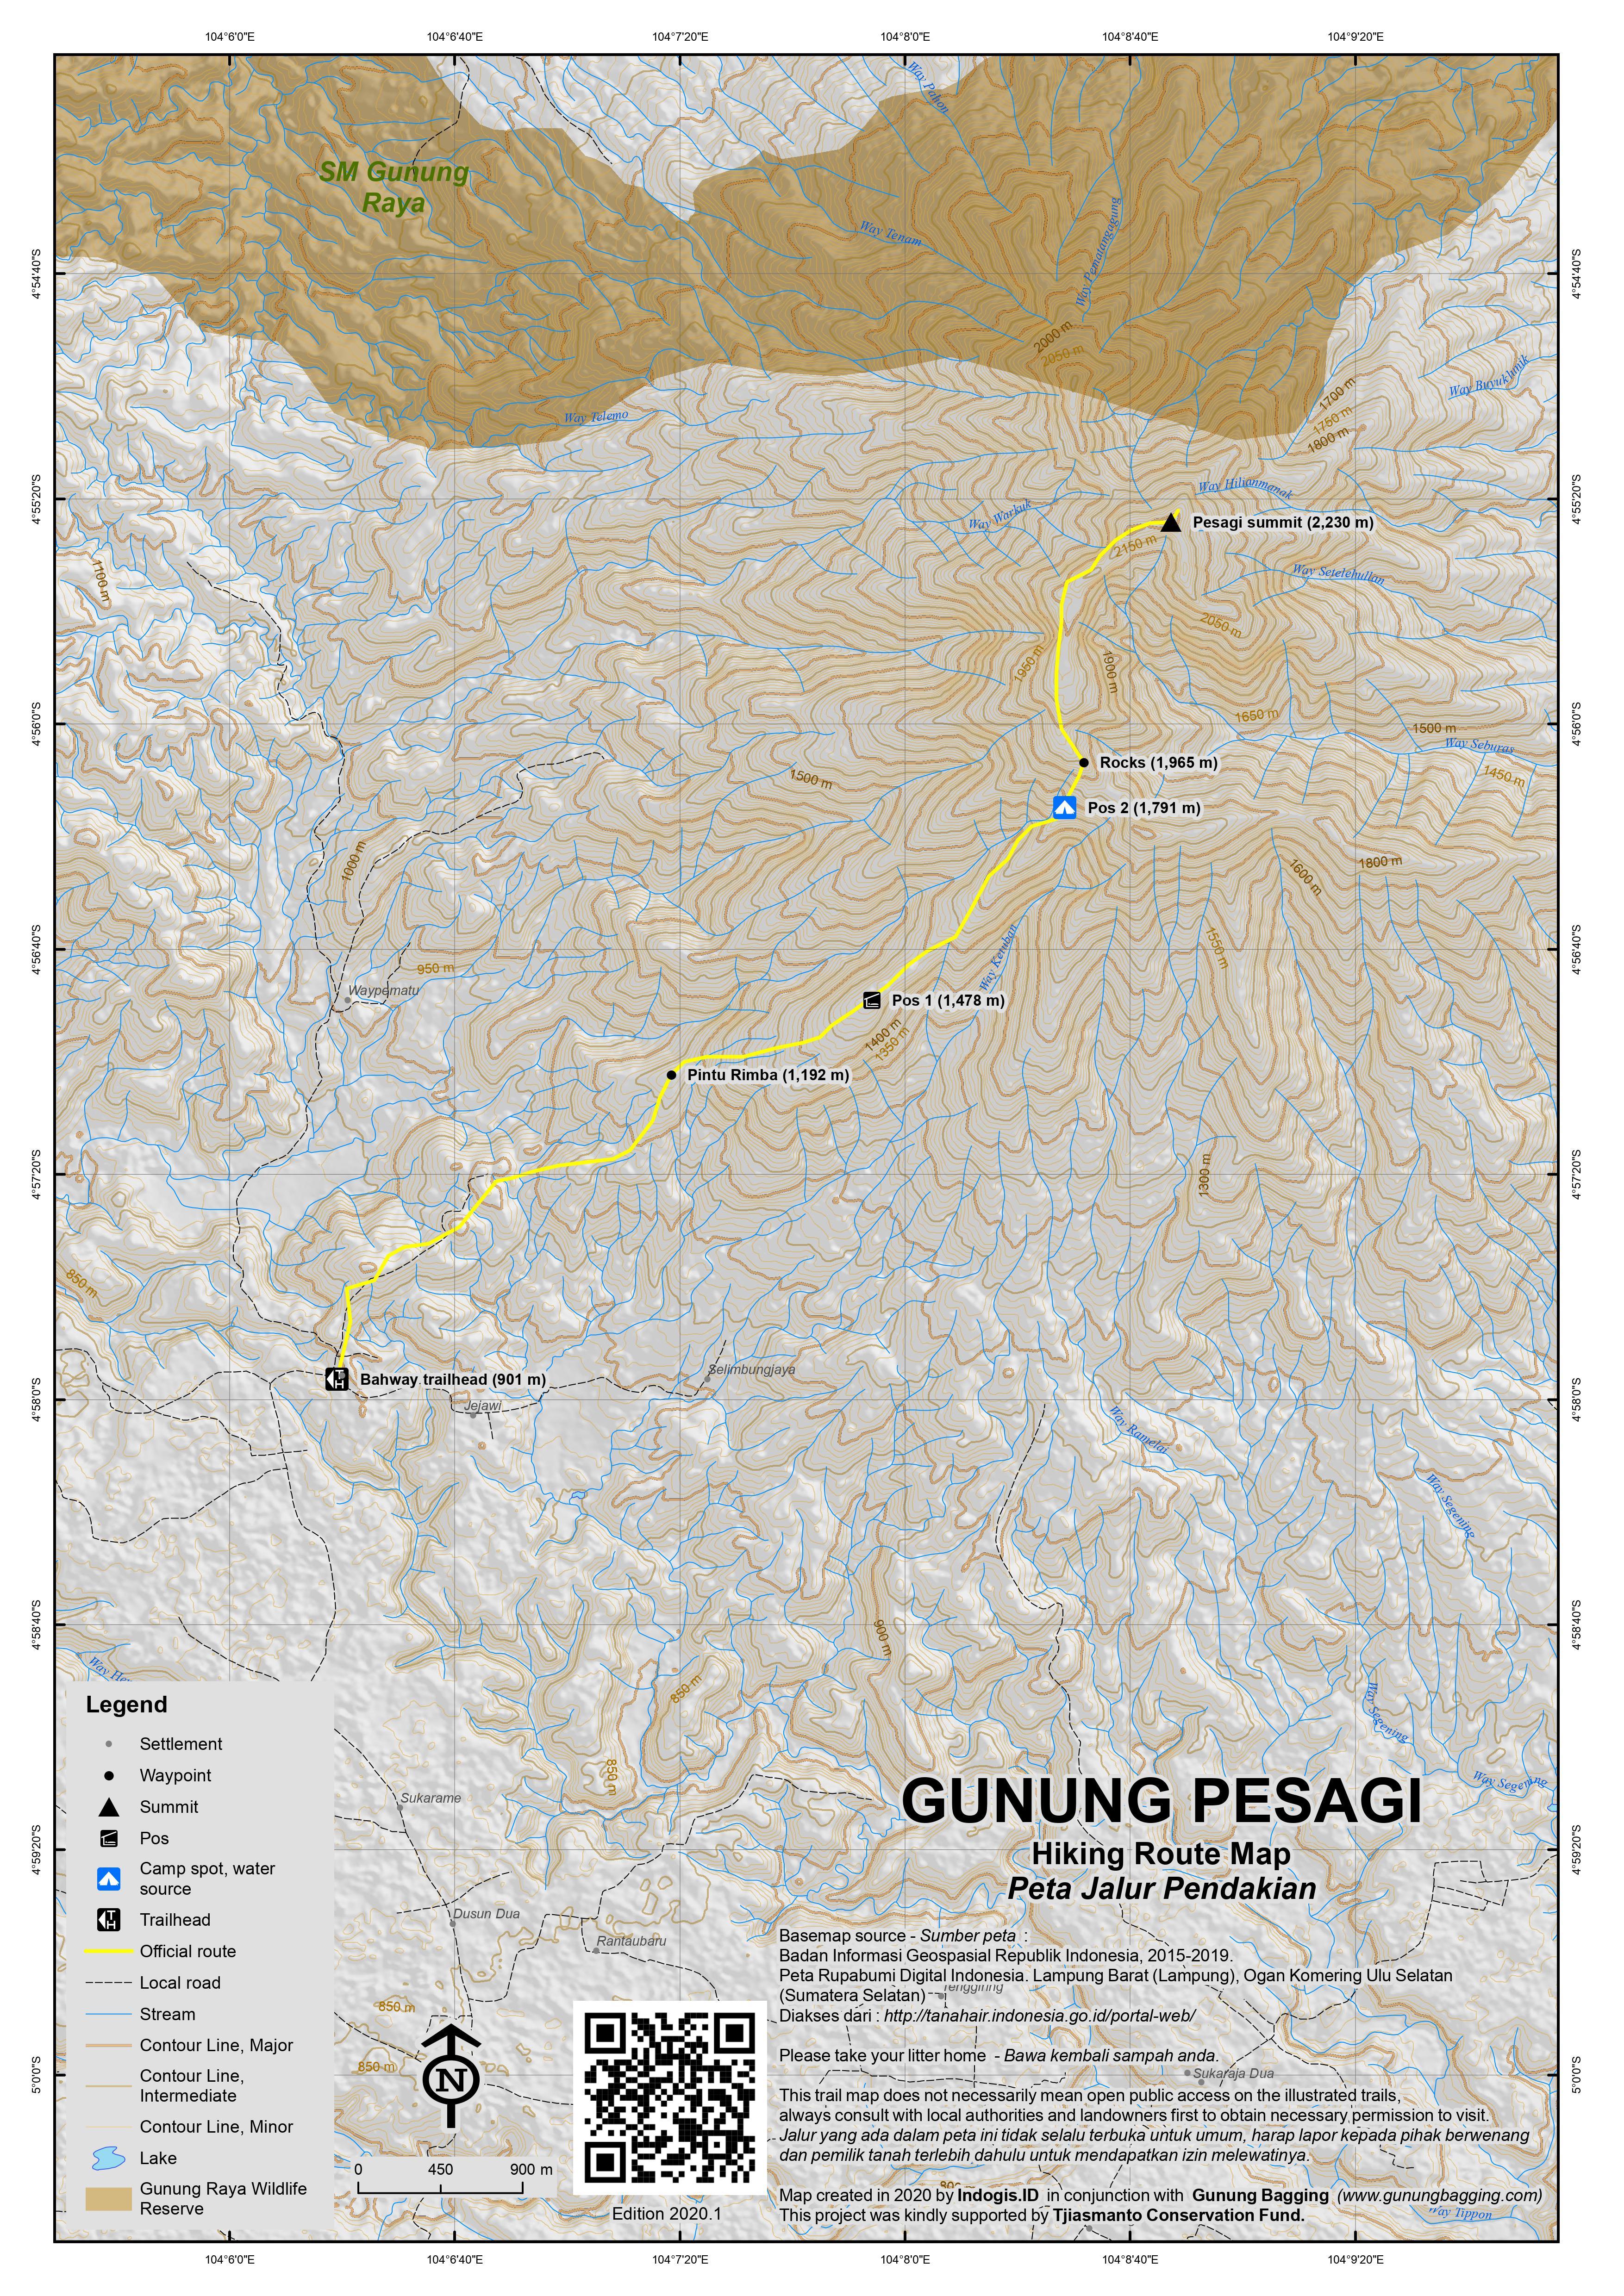 Peta Jalur Pendakian Gunung Pesagi